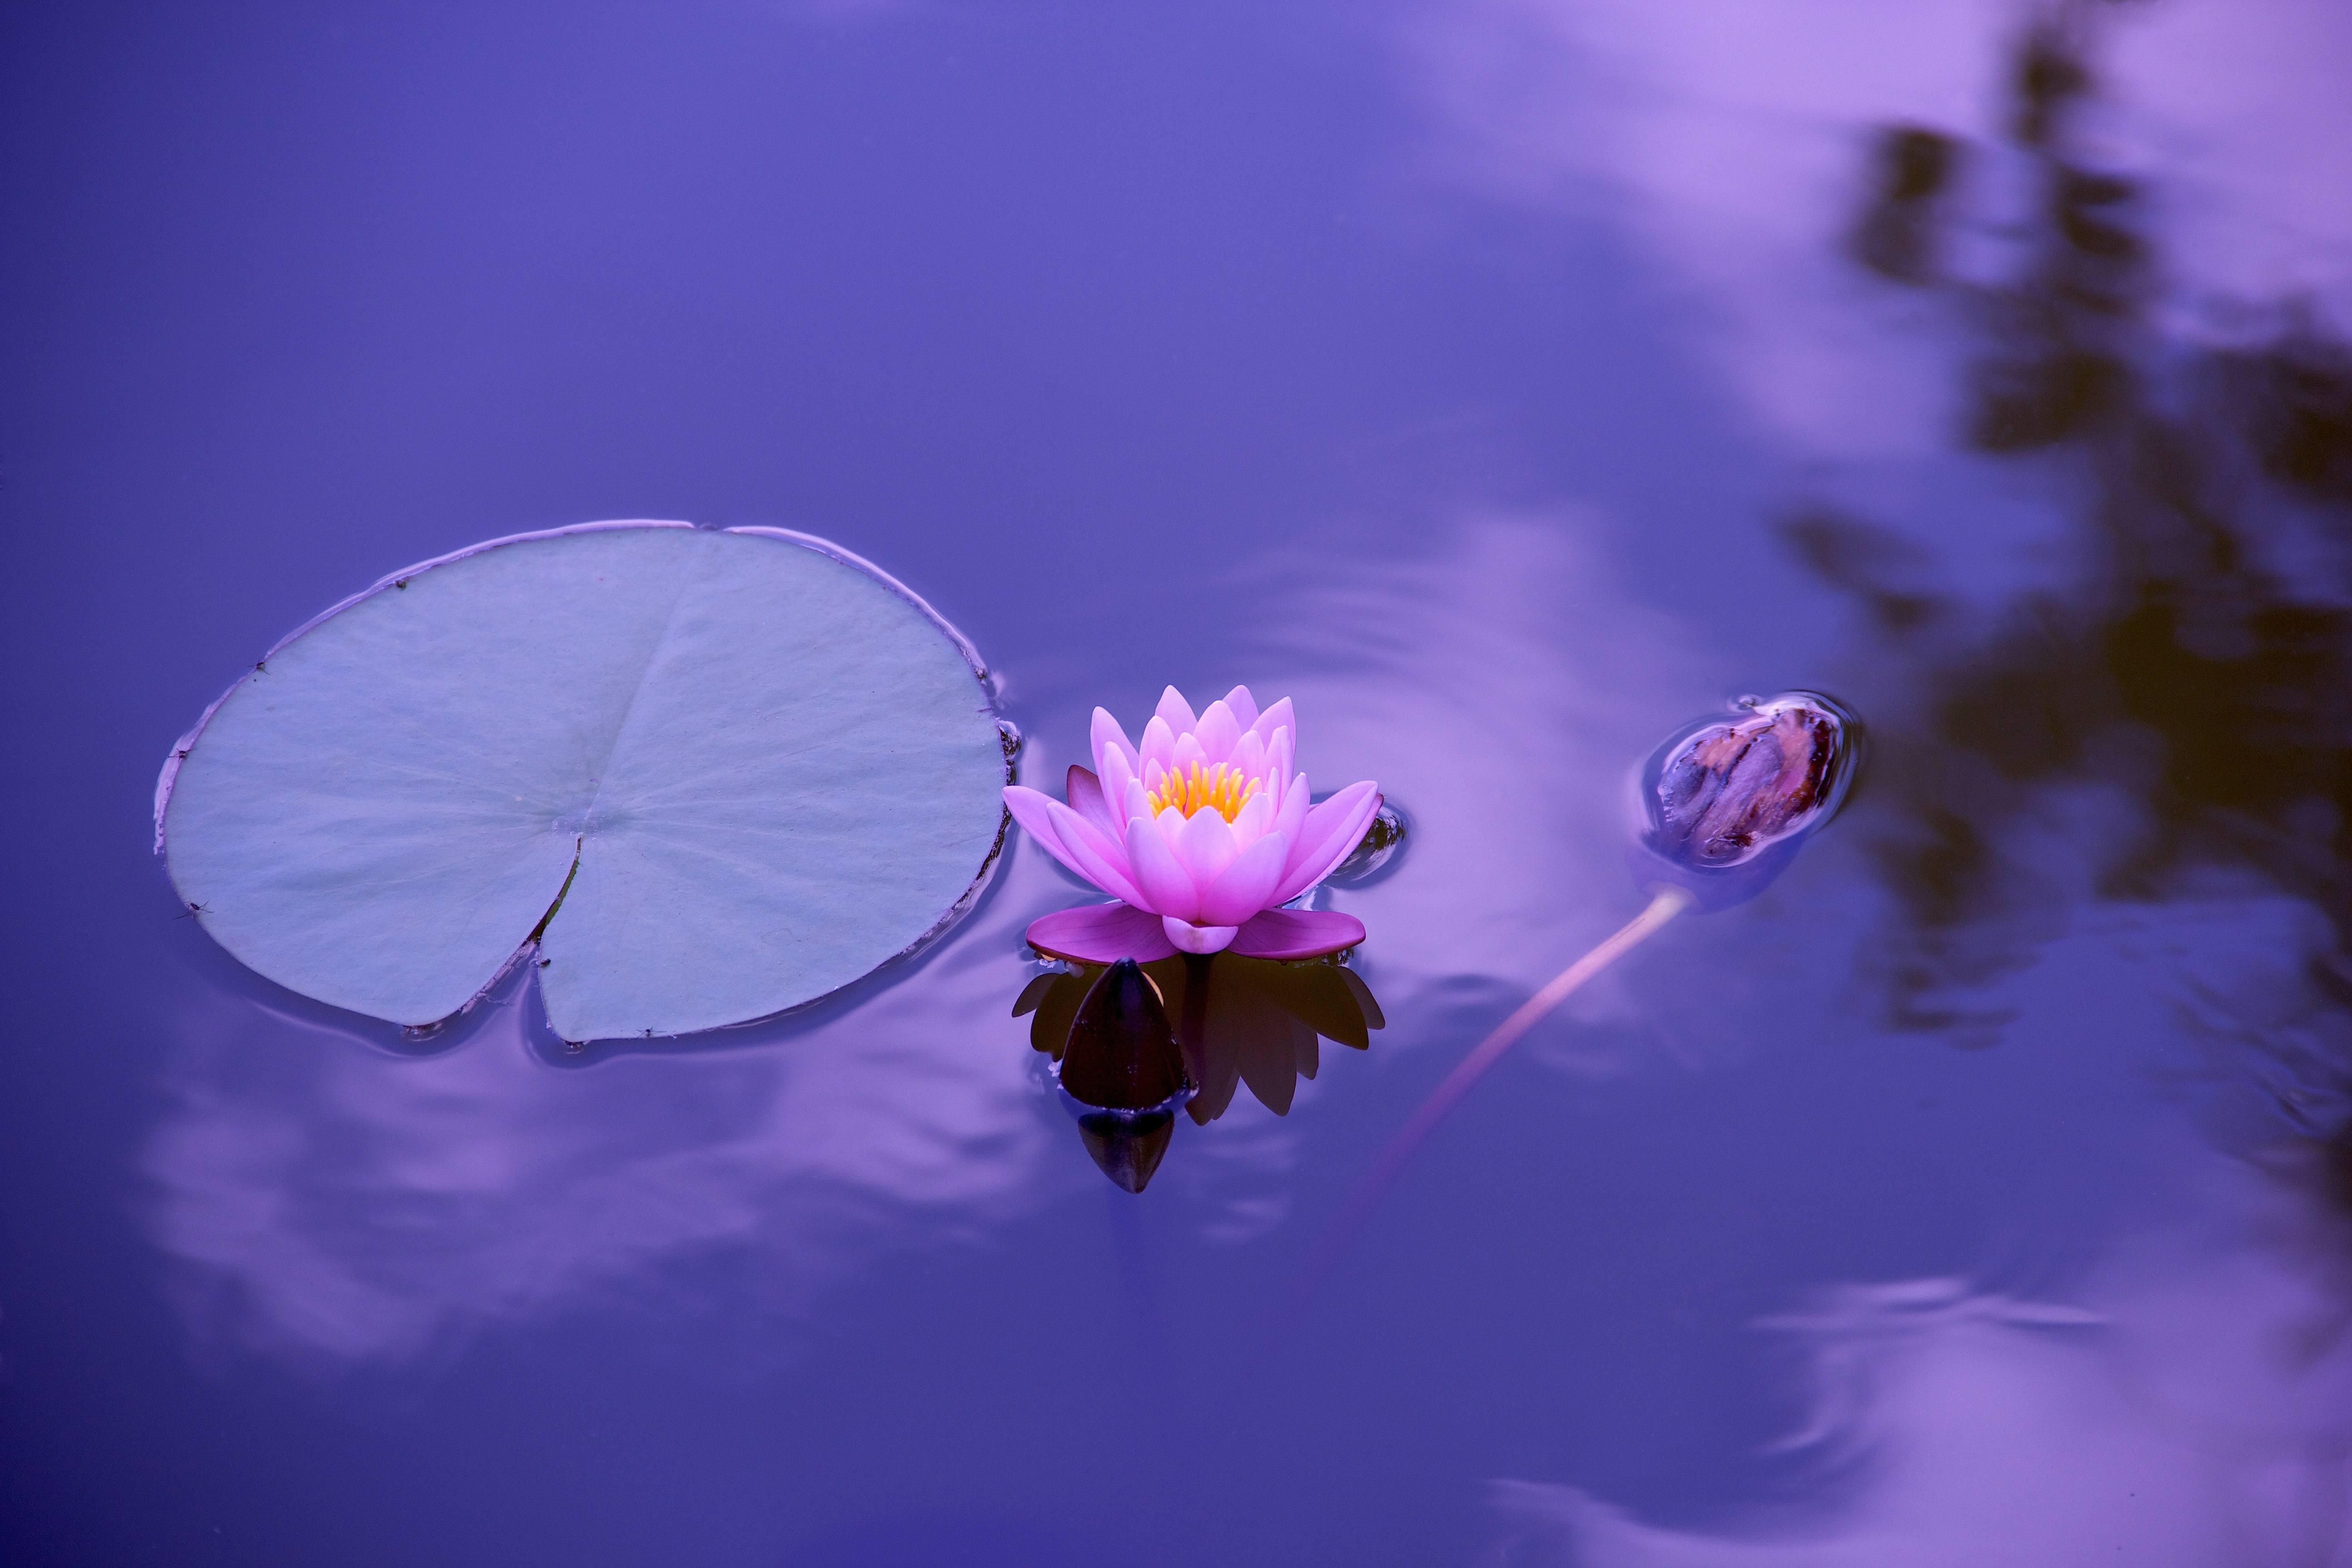 Wirbelsäulentherapie nach Breuss - lotus 1205631